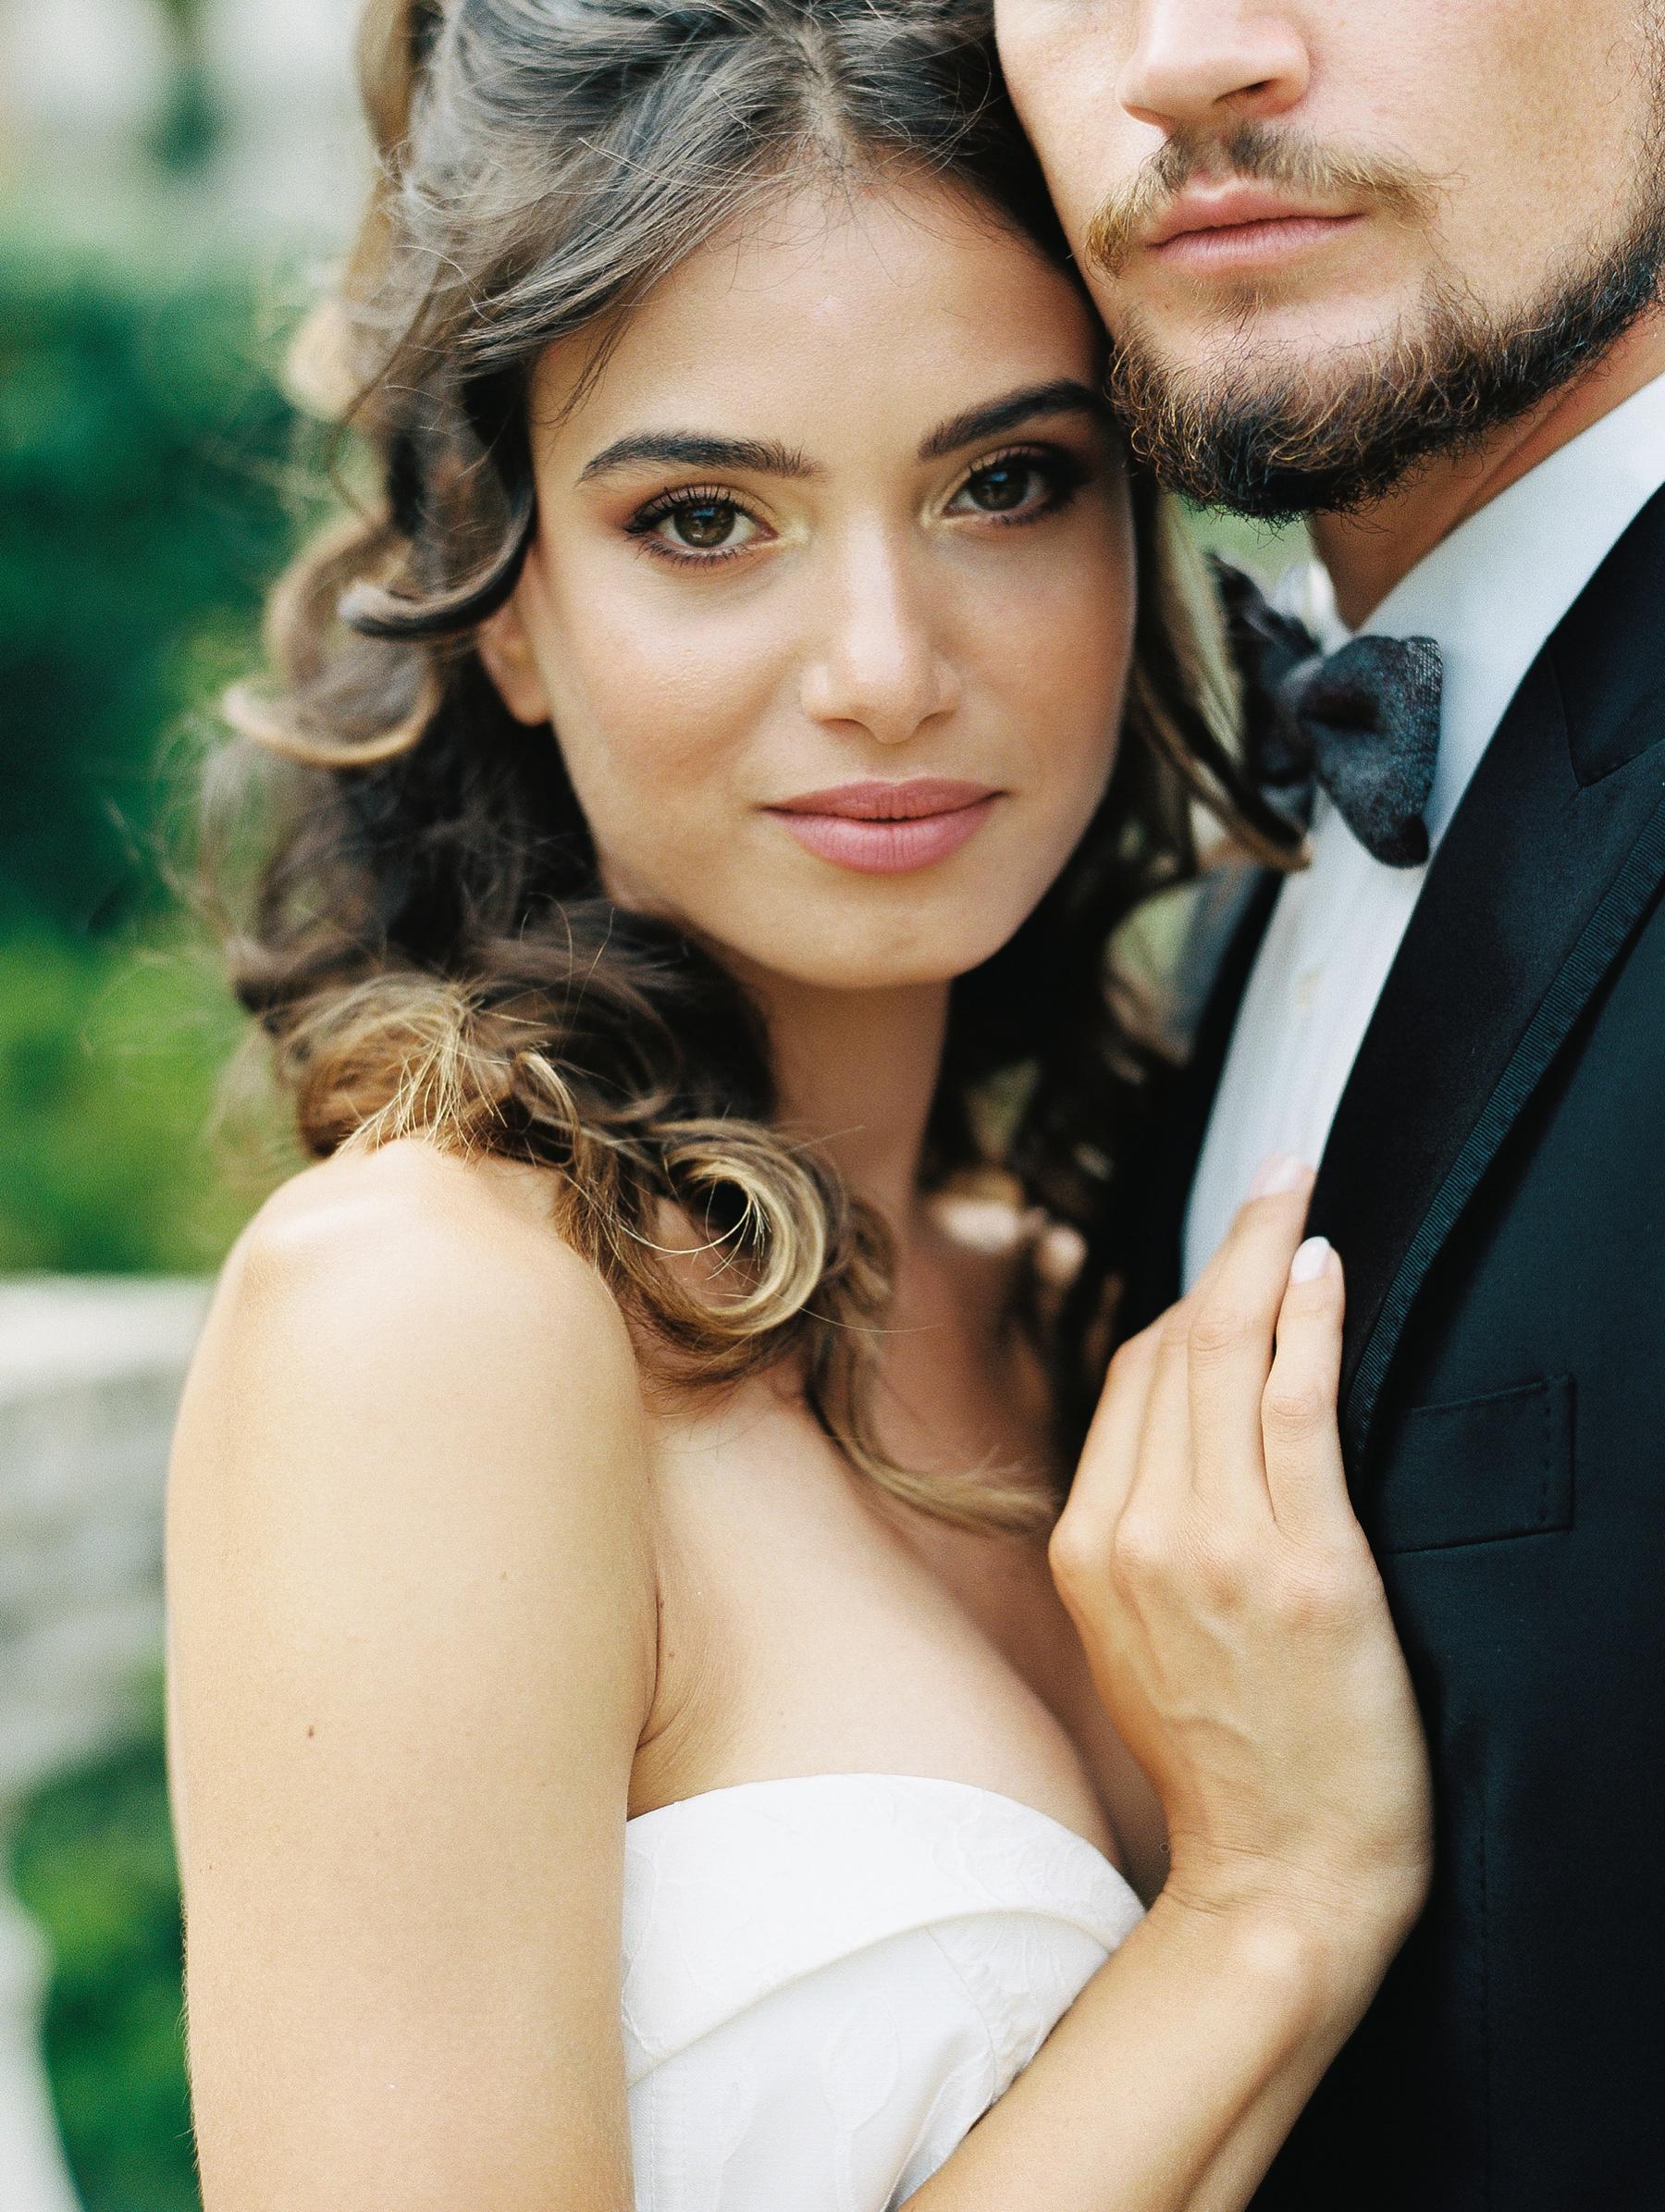 Il Borro Tuscany Italy Wedding Photographer_0845.jpg